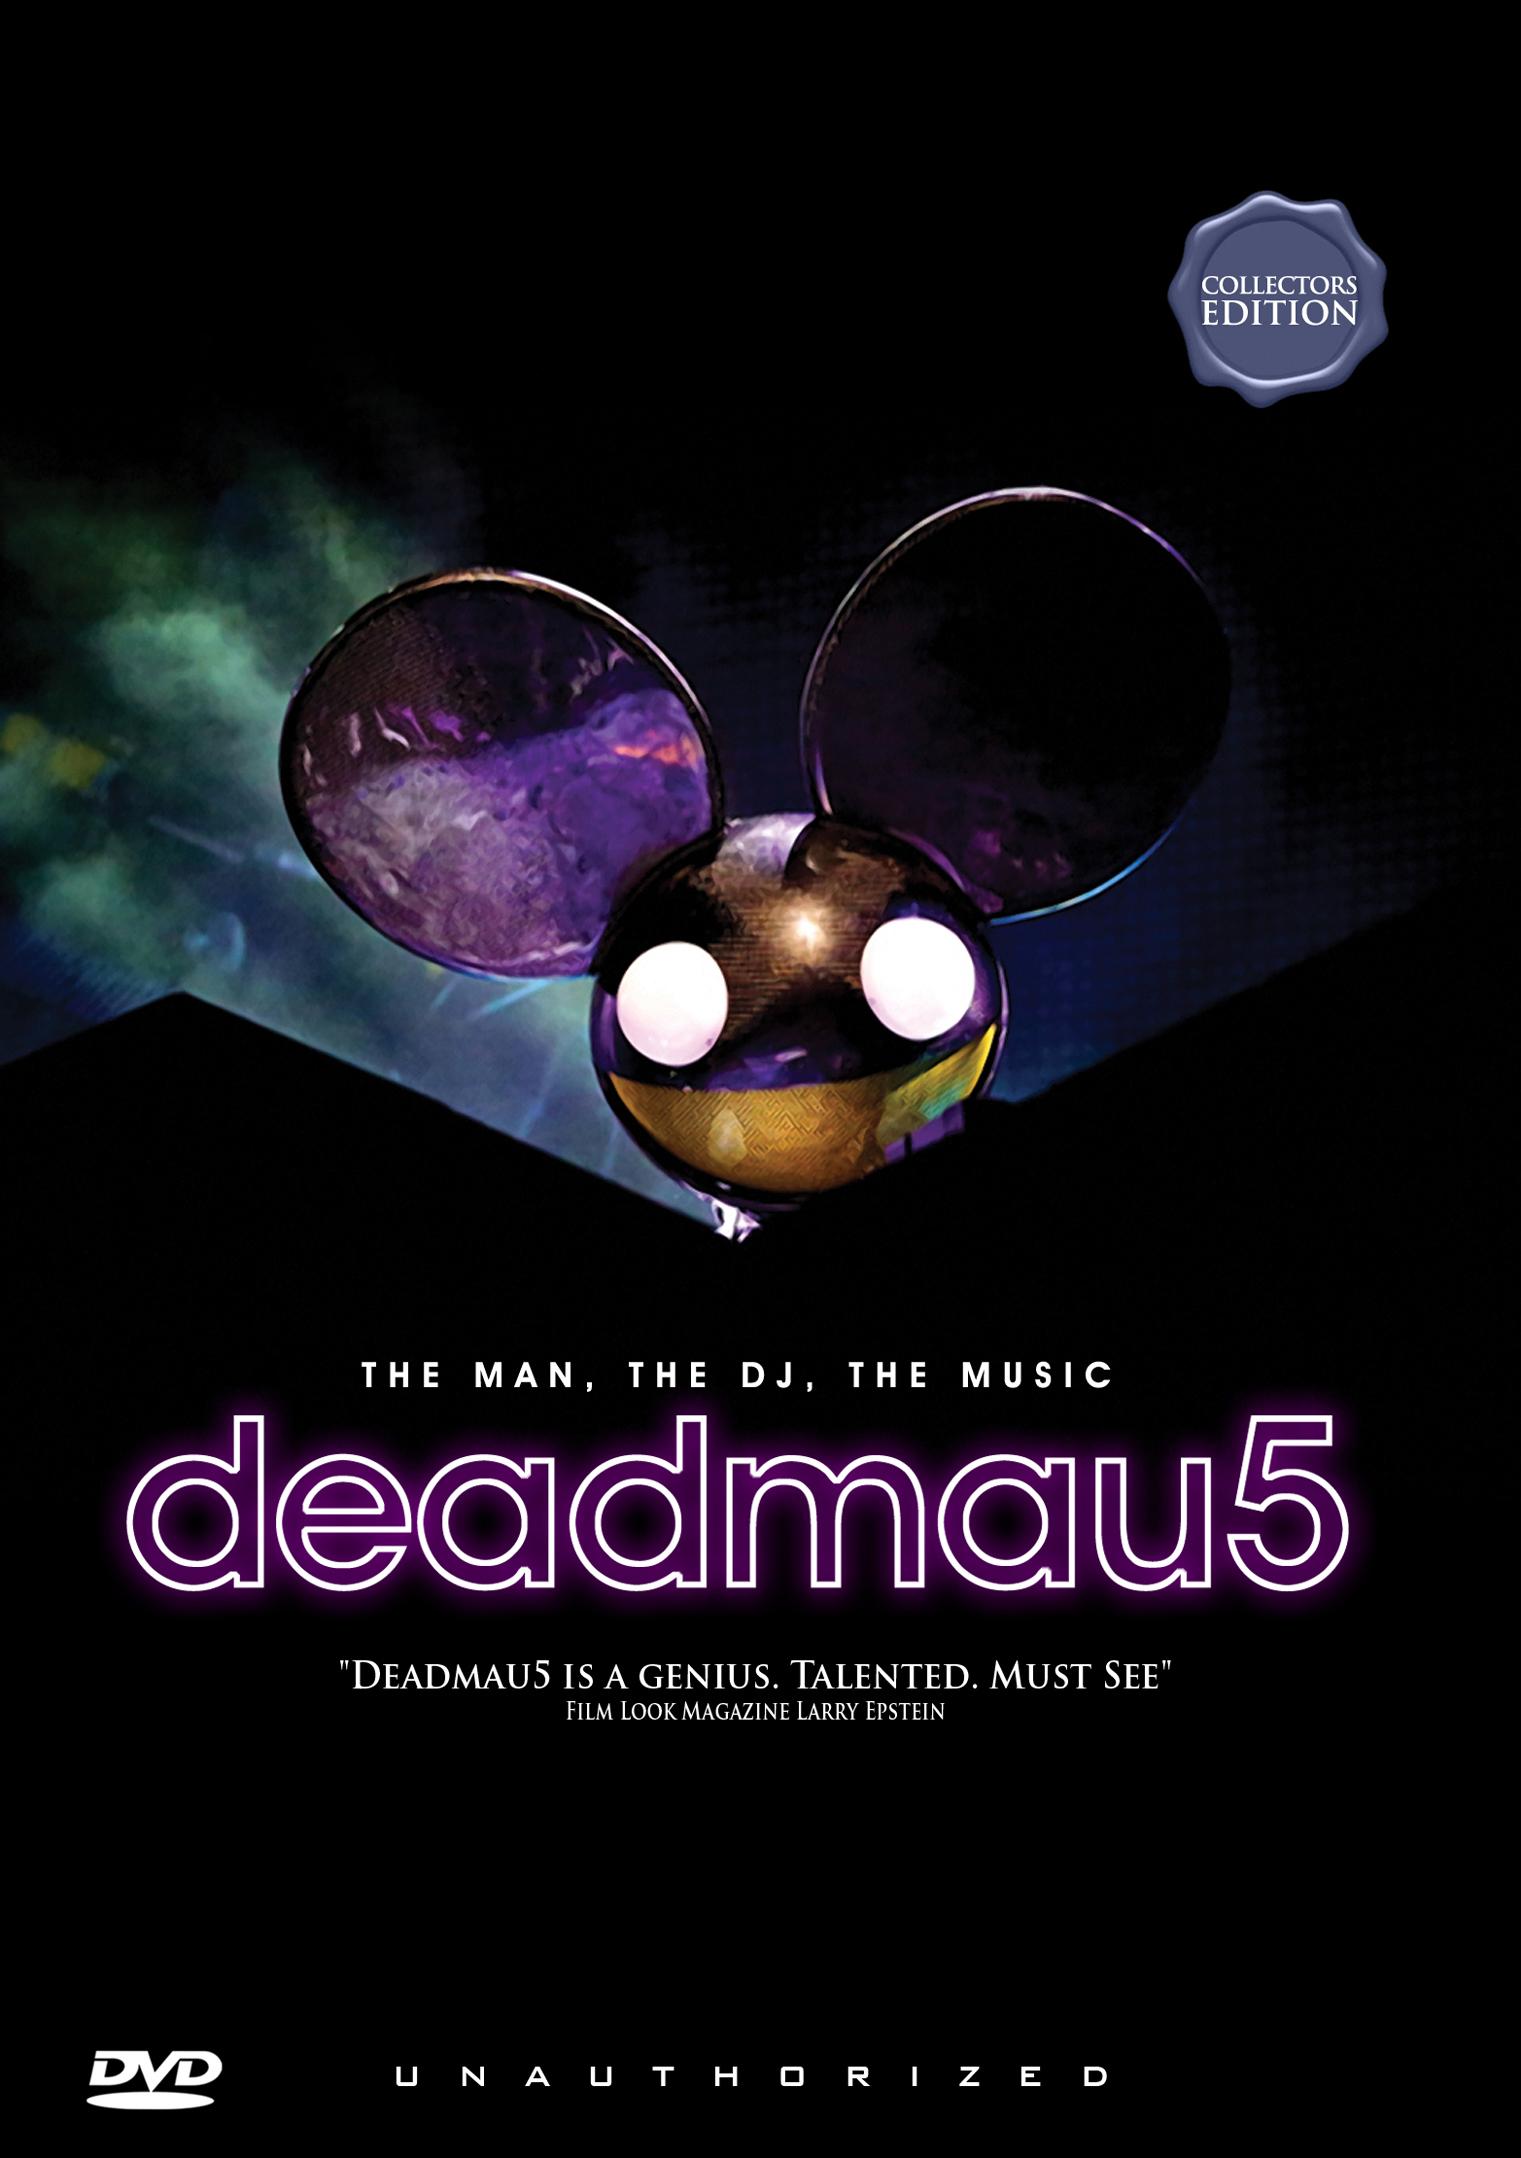 Deadmau5: The Man, the DJ, the Music